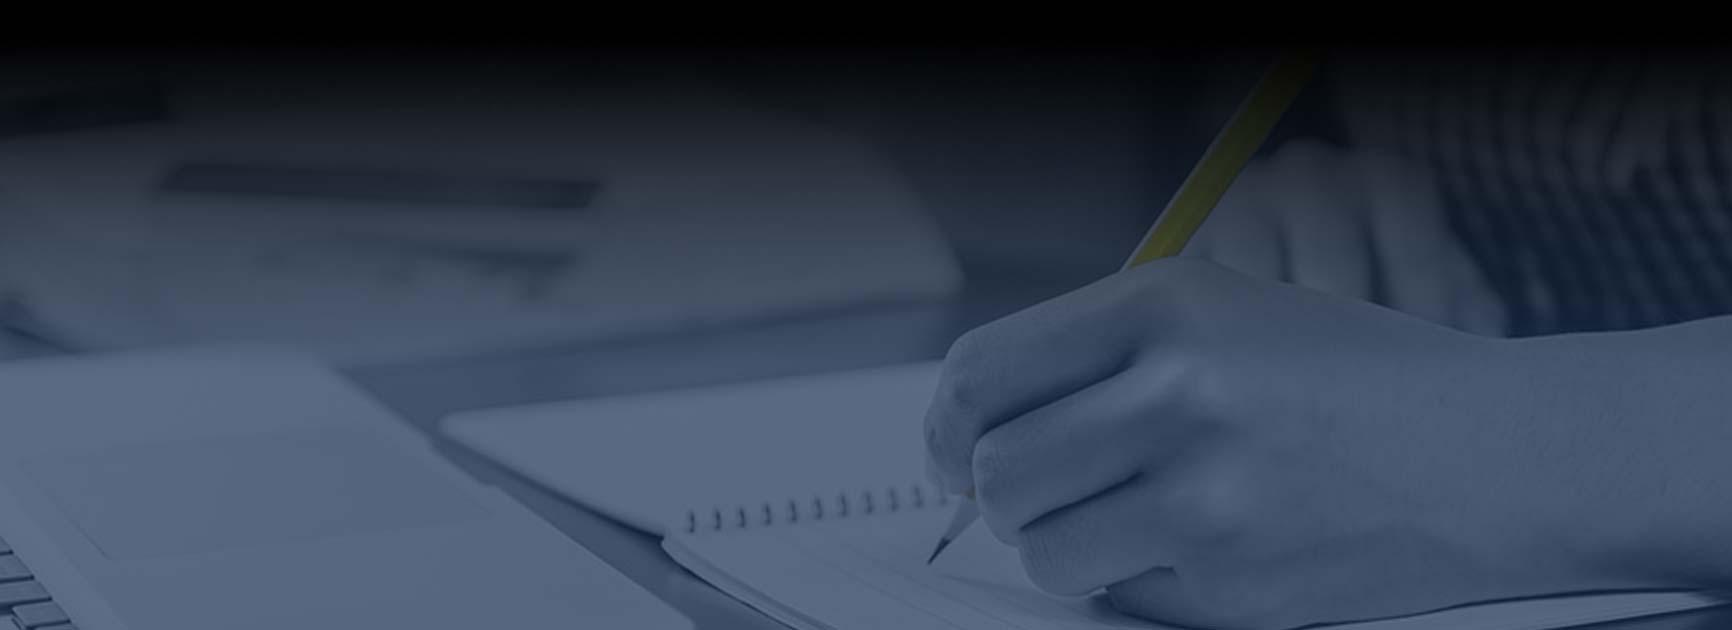 Πρόγραμμα Μεταπτυχιακών Σπουδών: «Επιστήμες της Αγωγής, Κριτική Παιδαγωγική και Εκπαίδευση Εκπαιδευτικών» ΦΑΣΗ Β